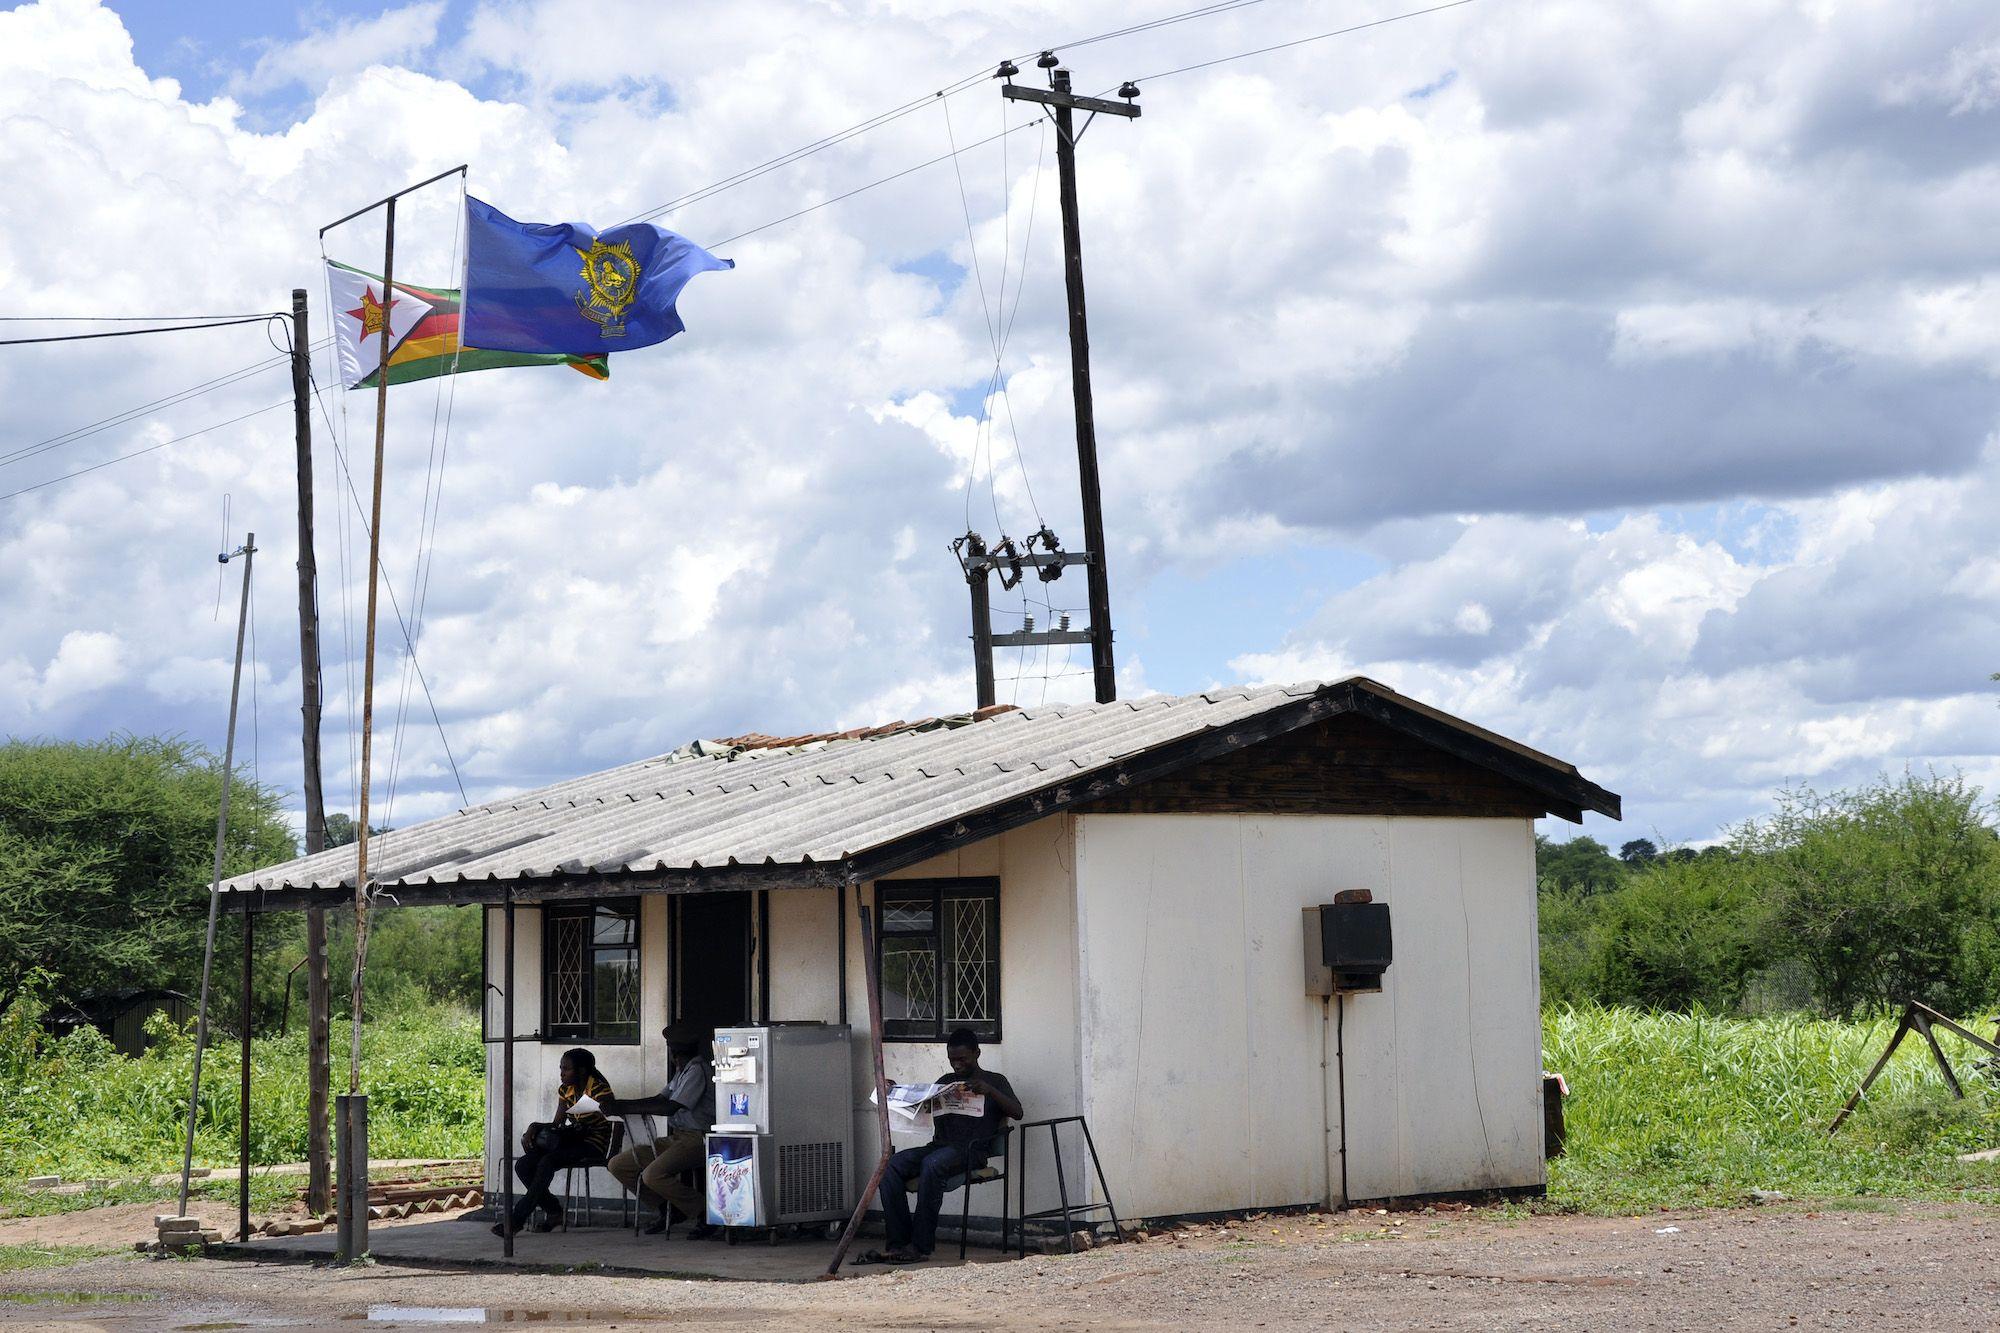 Ufficio doganale tra Botswana e Zimbabwe. (Foto: Giovanni Mereghetti/Education Images/Universal Images Group via Getty Images).